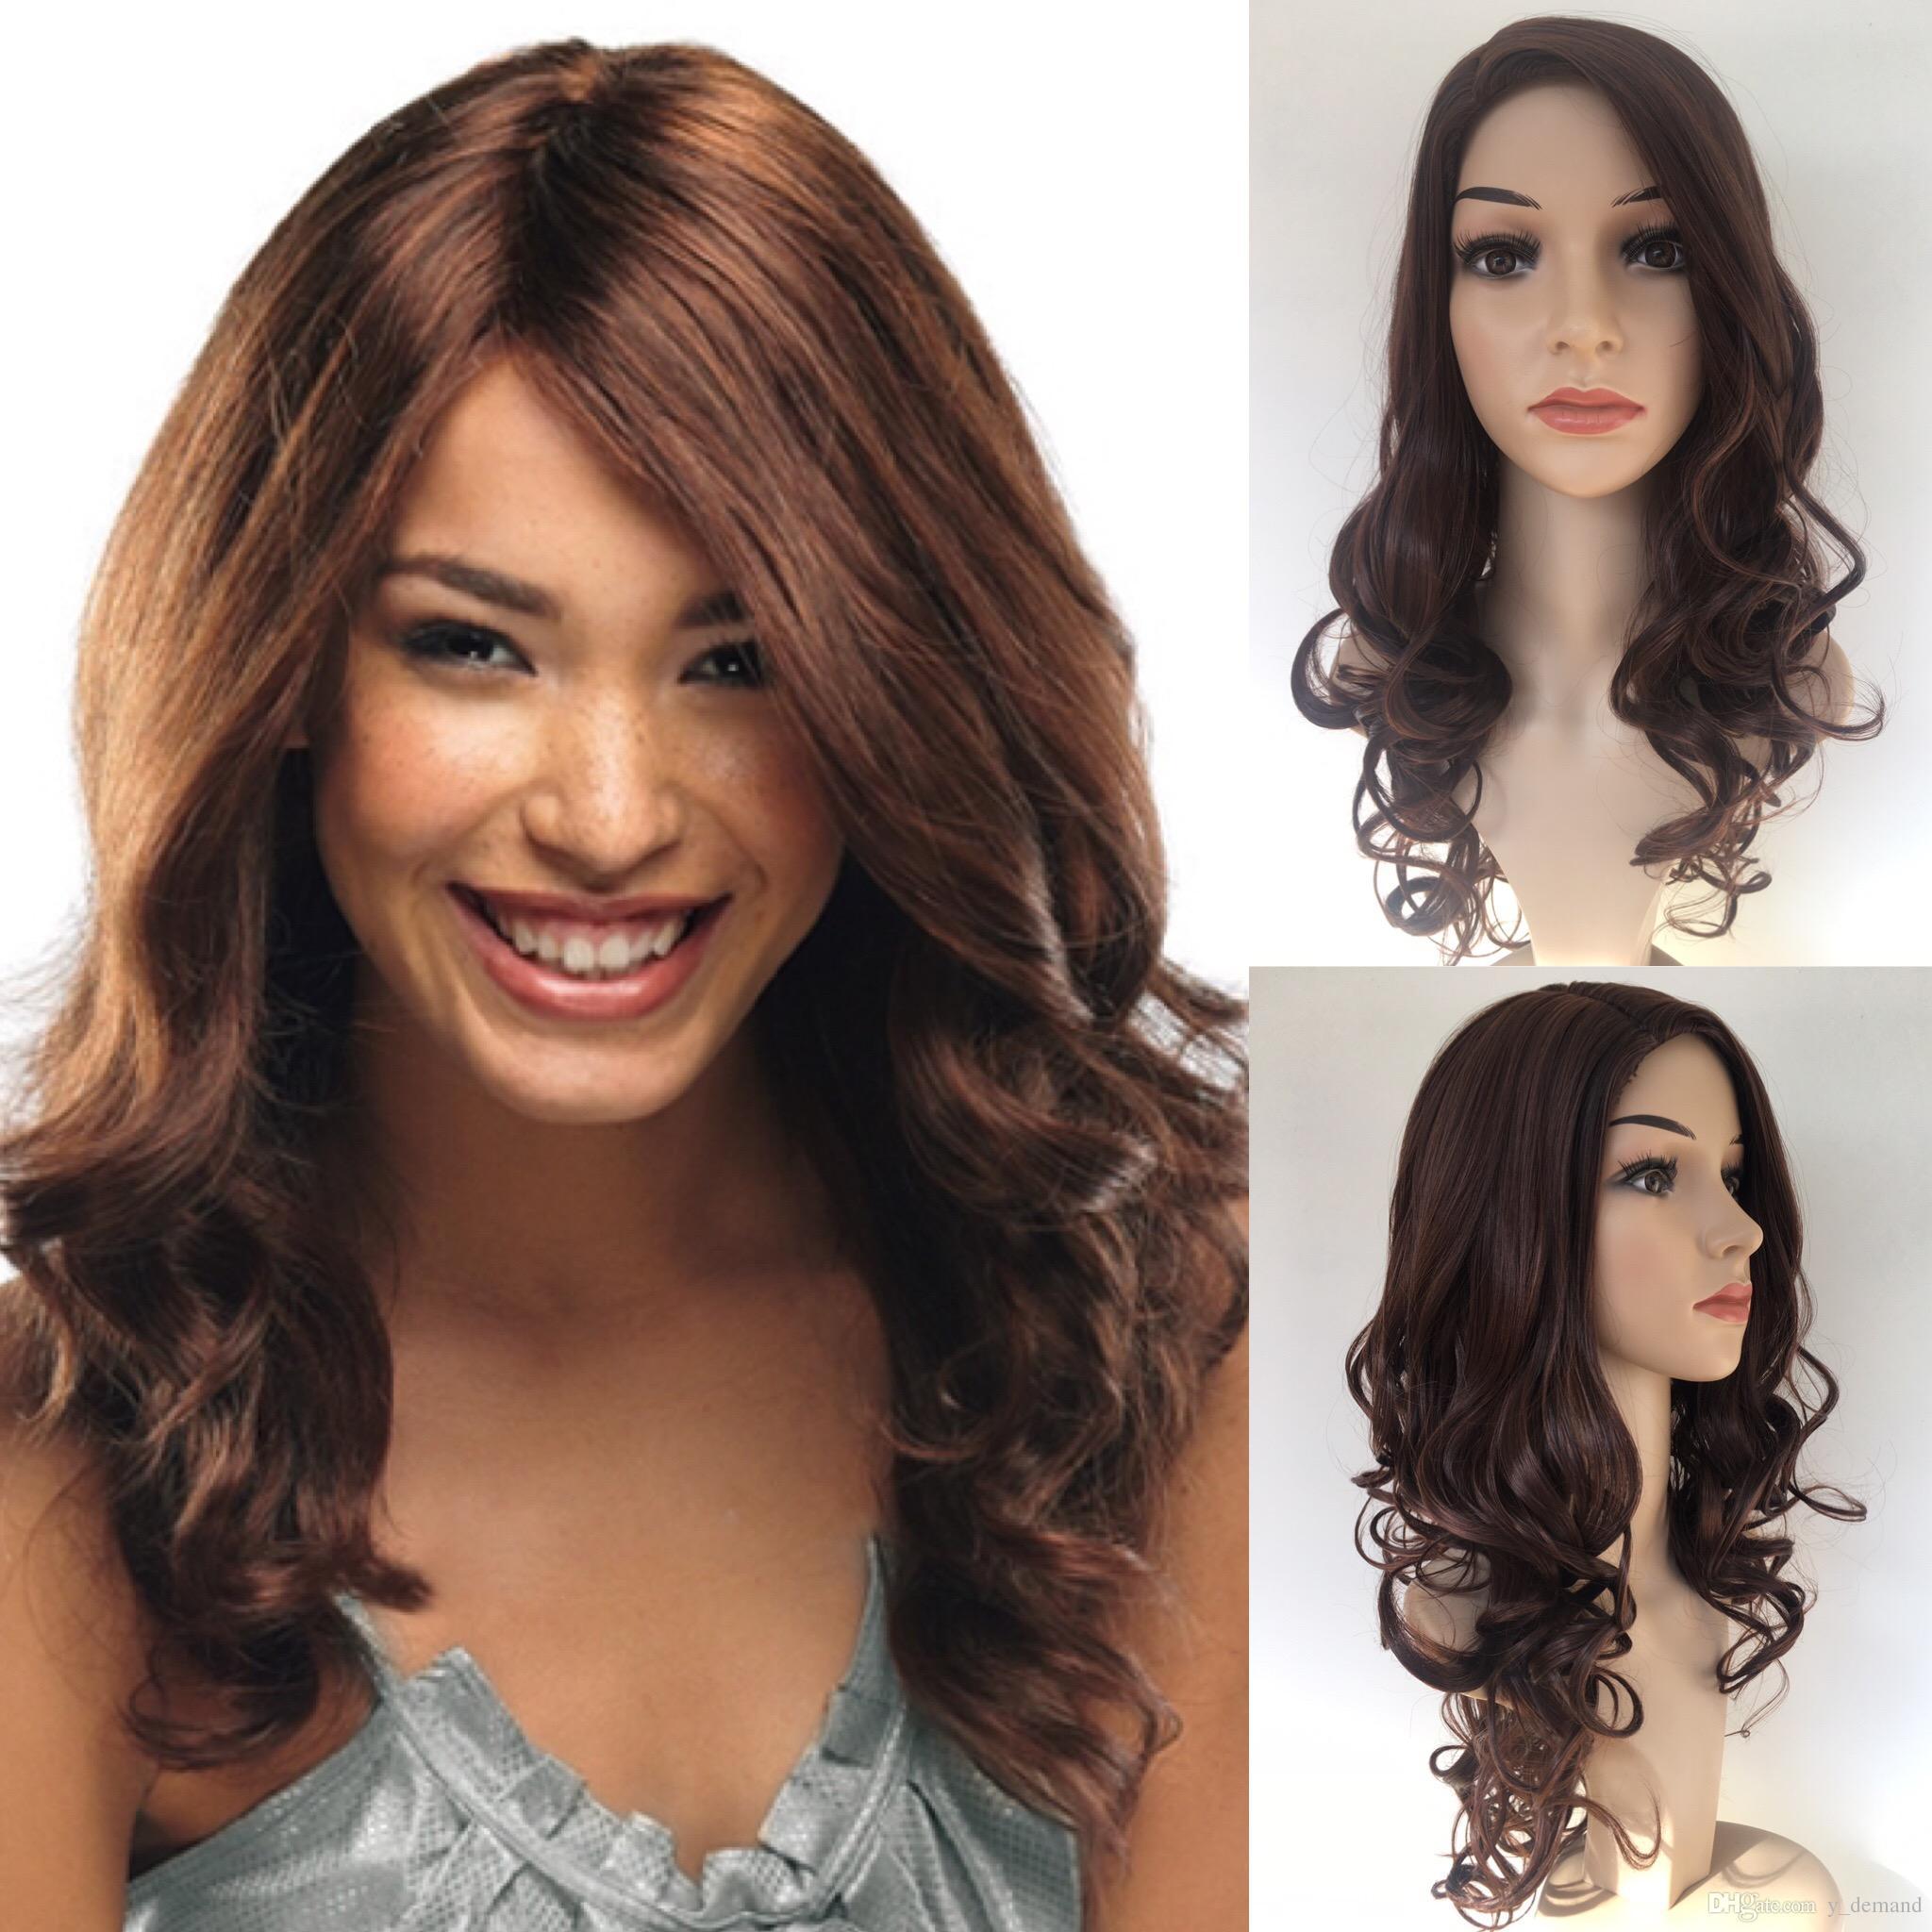 Mode Longue Tenue De Cheveux Coupes De Cheveux Kanekalon Top Qualité Résistant À La Chaleur Afro-Américaine Femmes Perruque Nouveaux Cheveux Pour Les Femmes En Stock Y demande